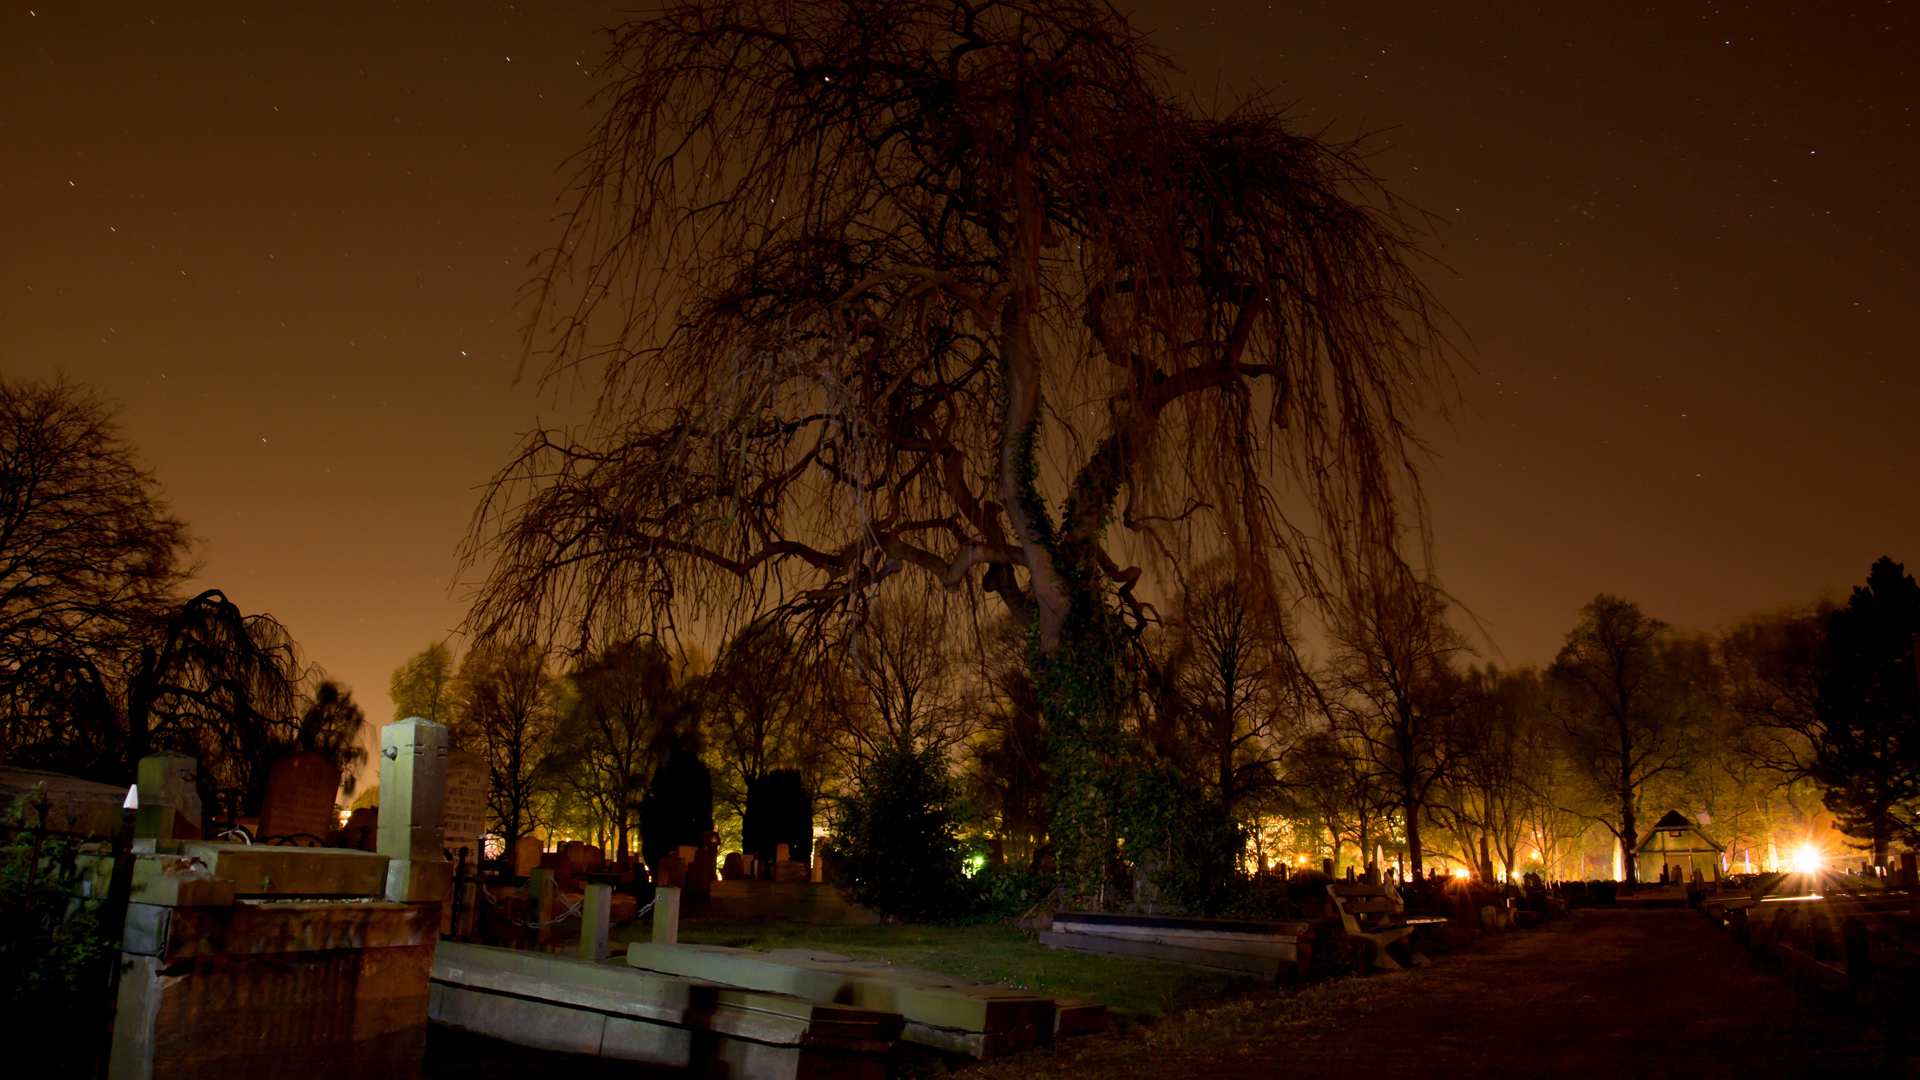 cemetery-dark-graveyard-orange